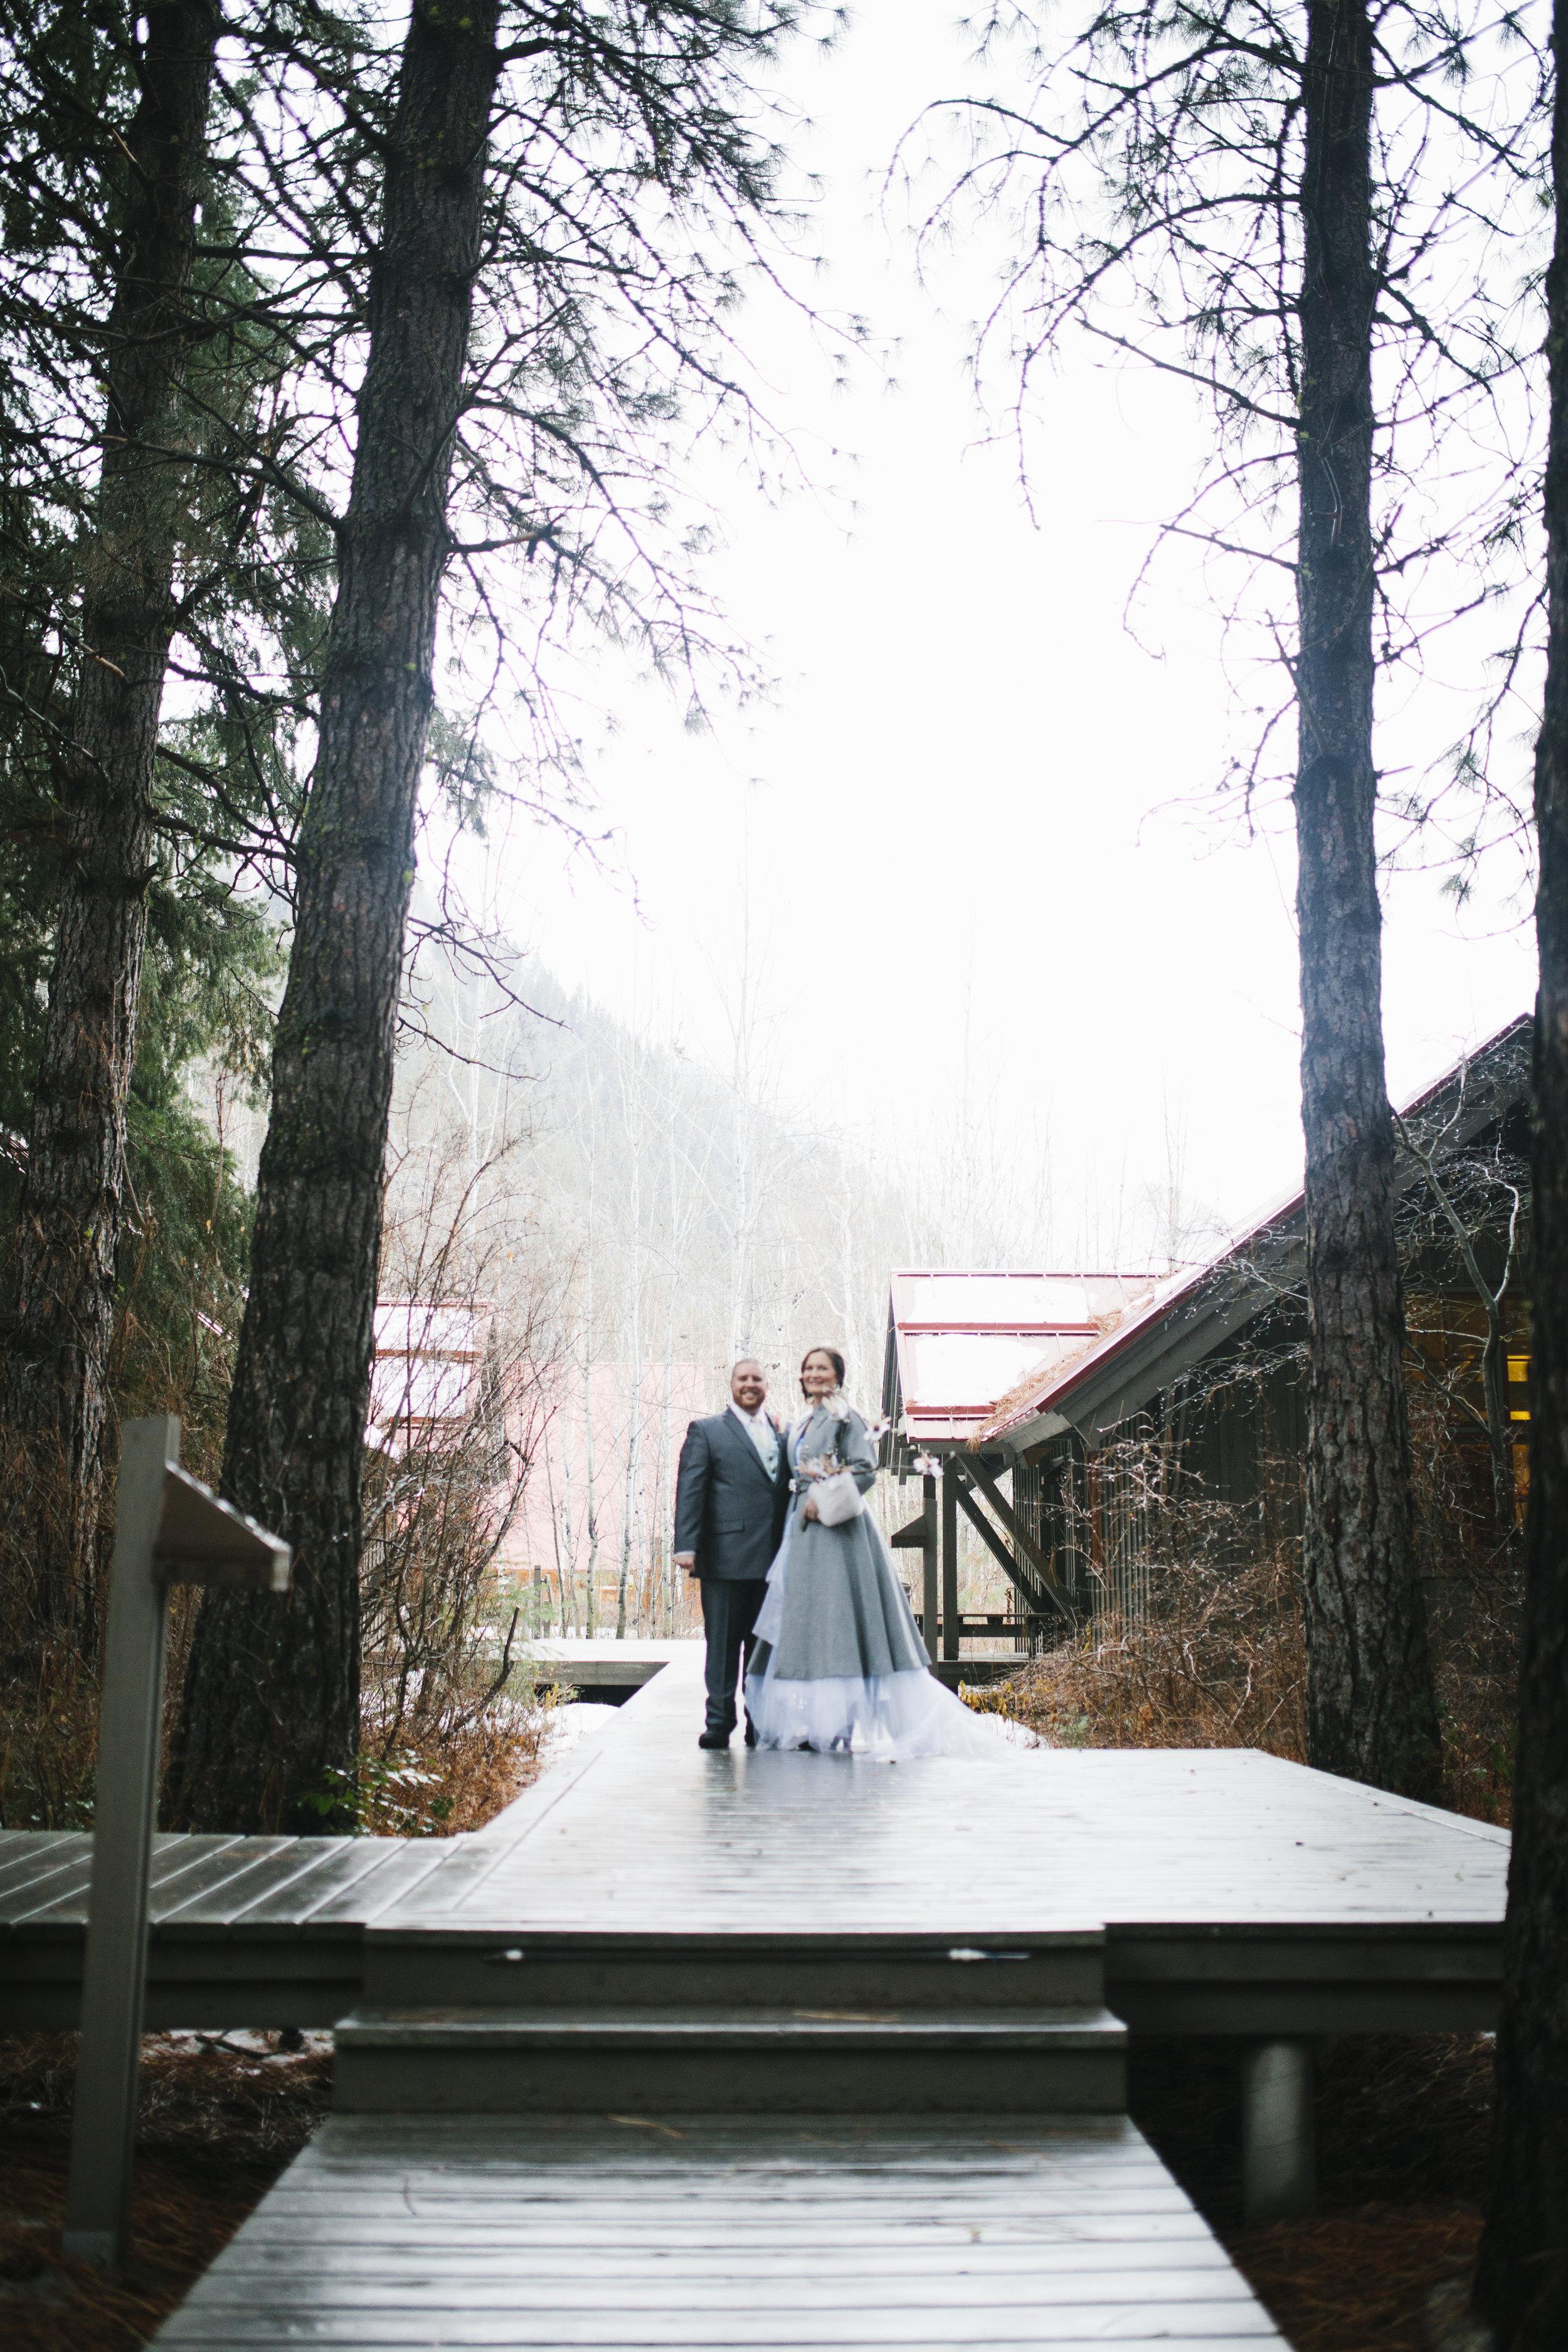 Ice-zeita-wedding-12.jpg